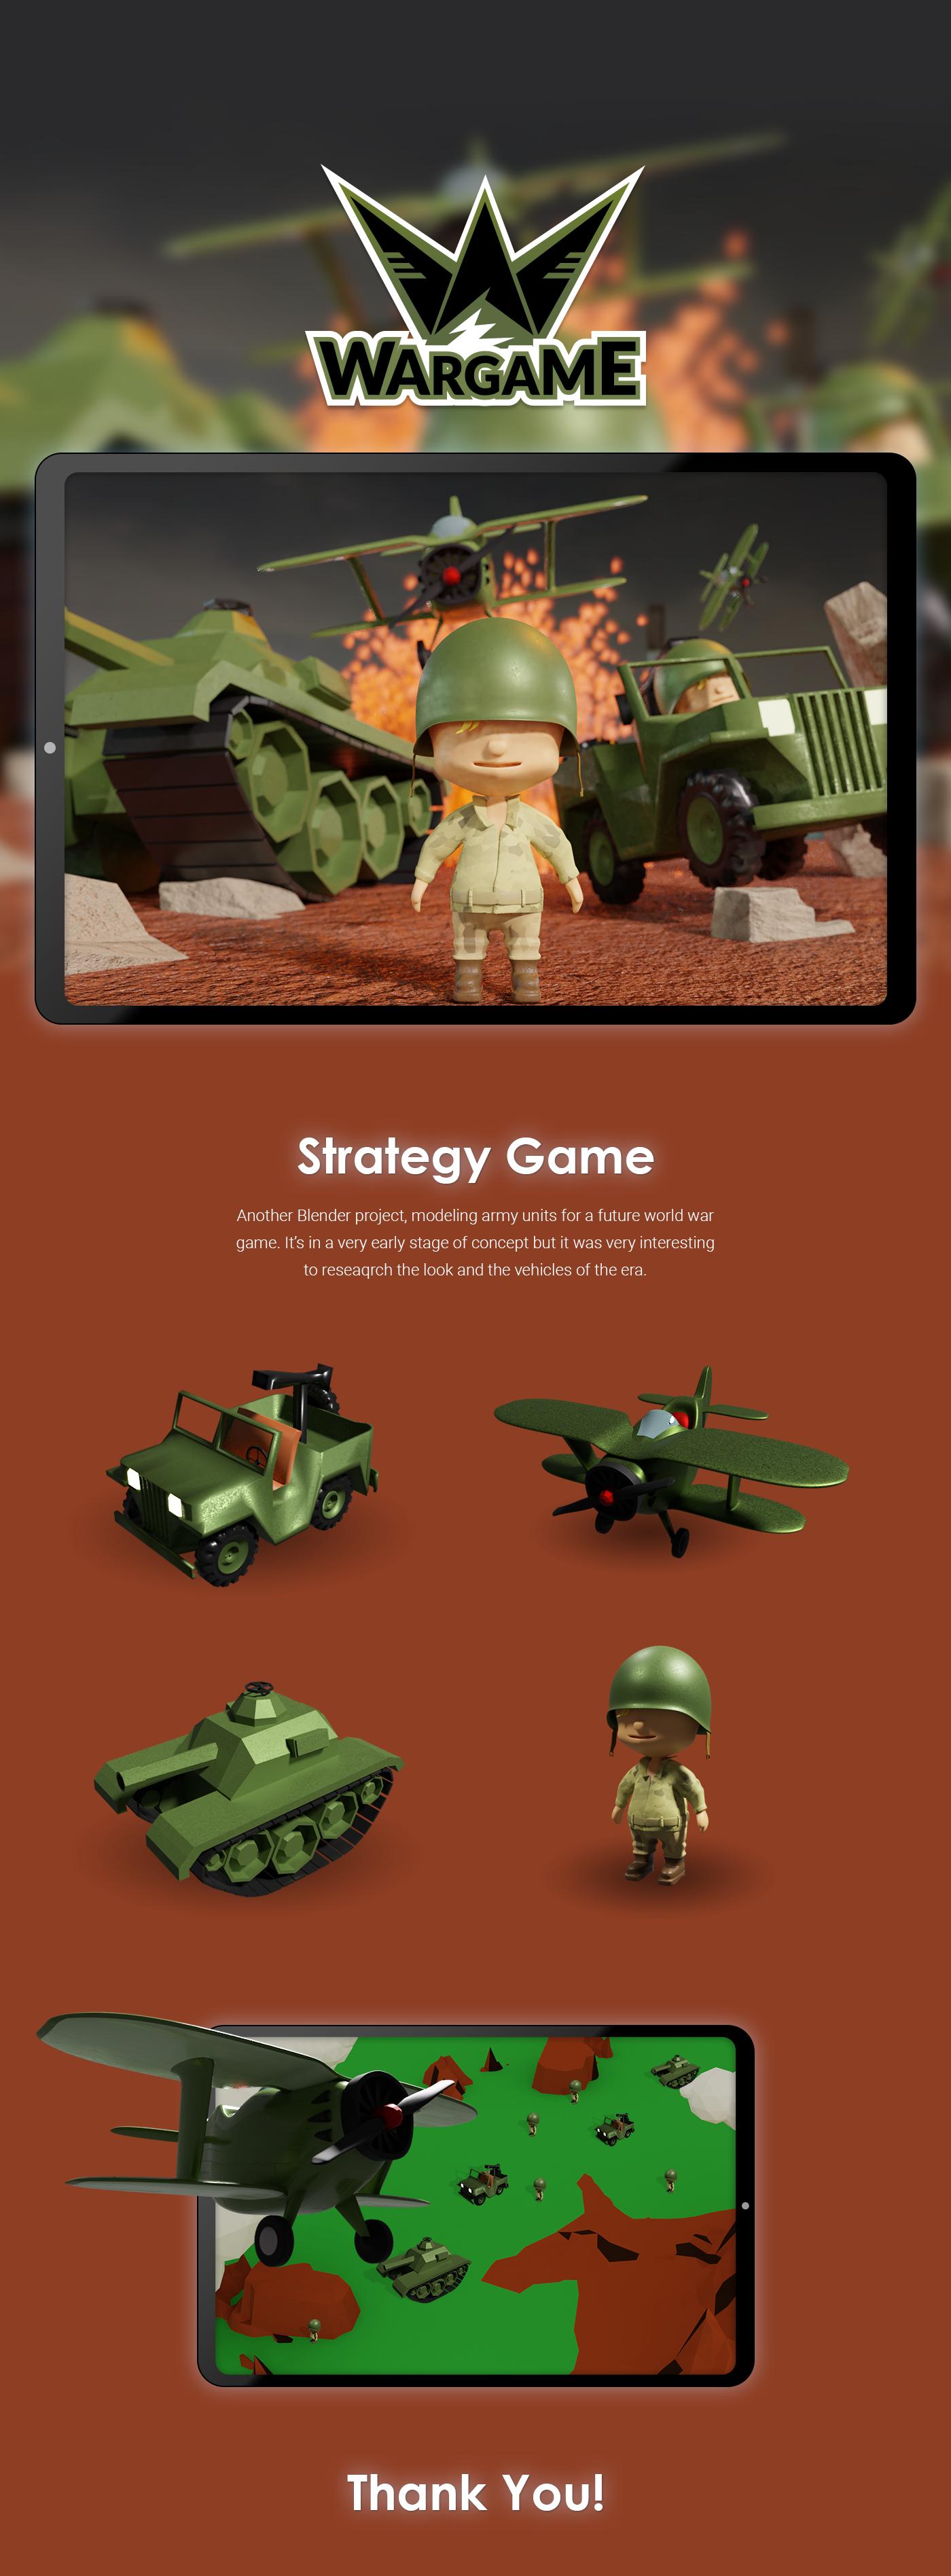 game 3d modeling blender unity photoshop design graphic design